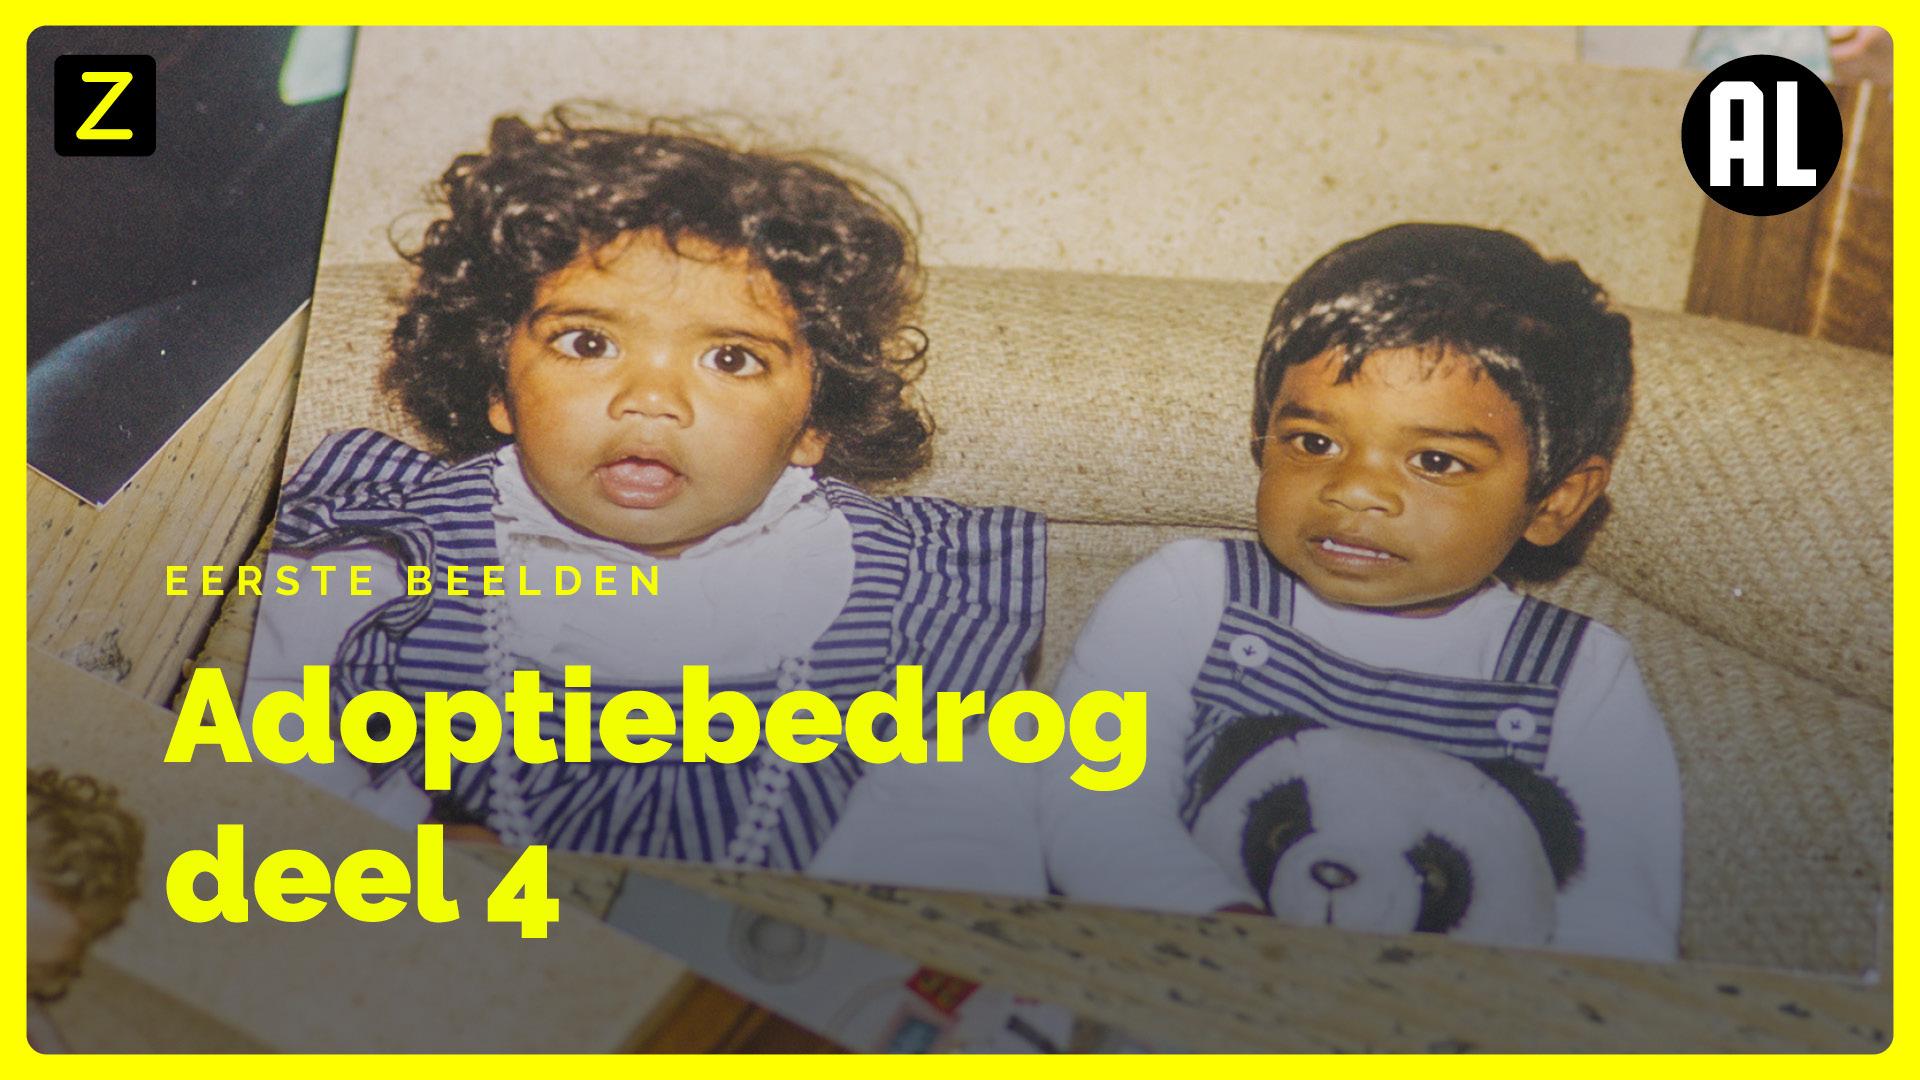 Afbeelding van Eerste beelden uit 'Adoptiebedrog - deel 4'